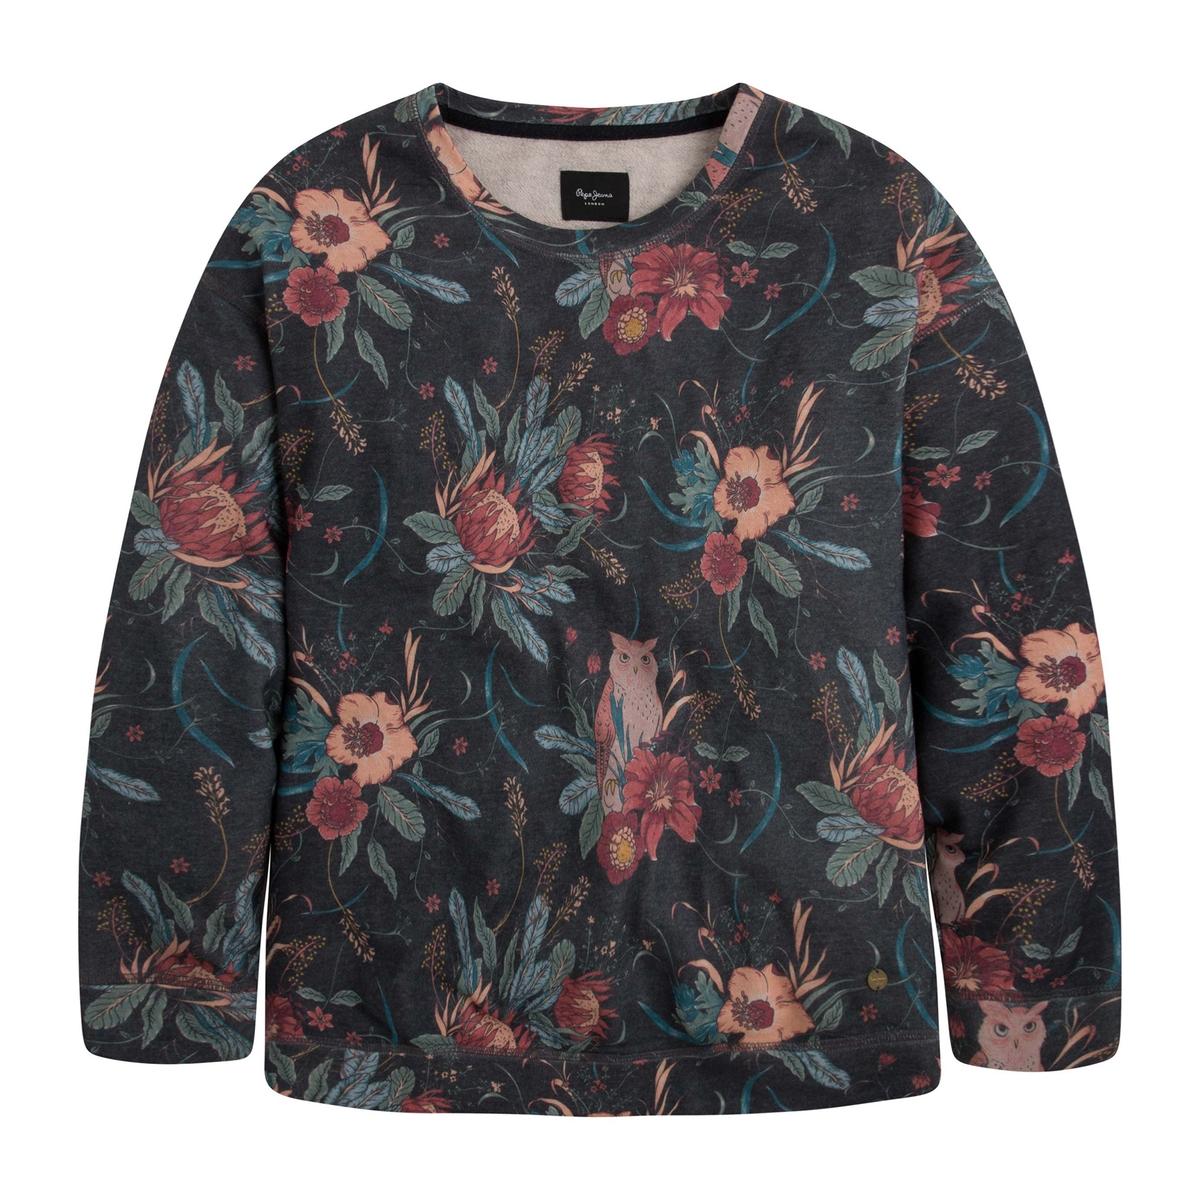 Sudadera con cuello redondo y estampado de flores